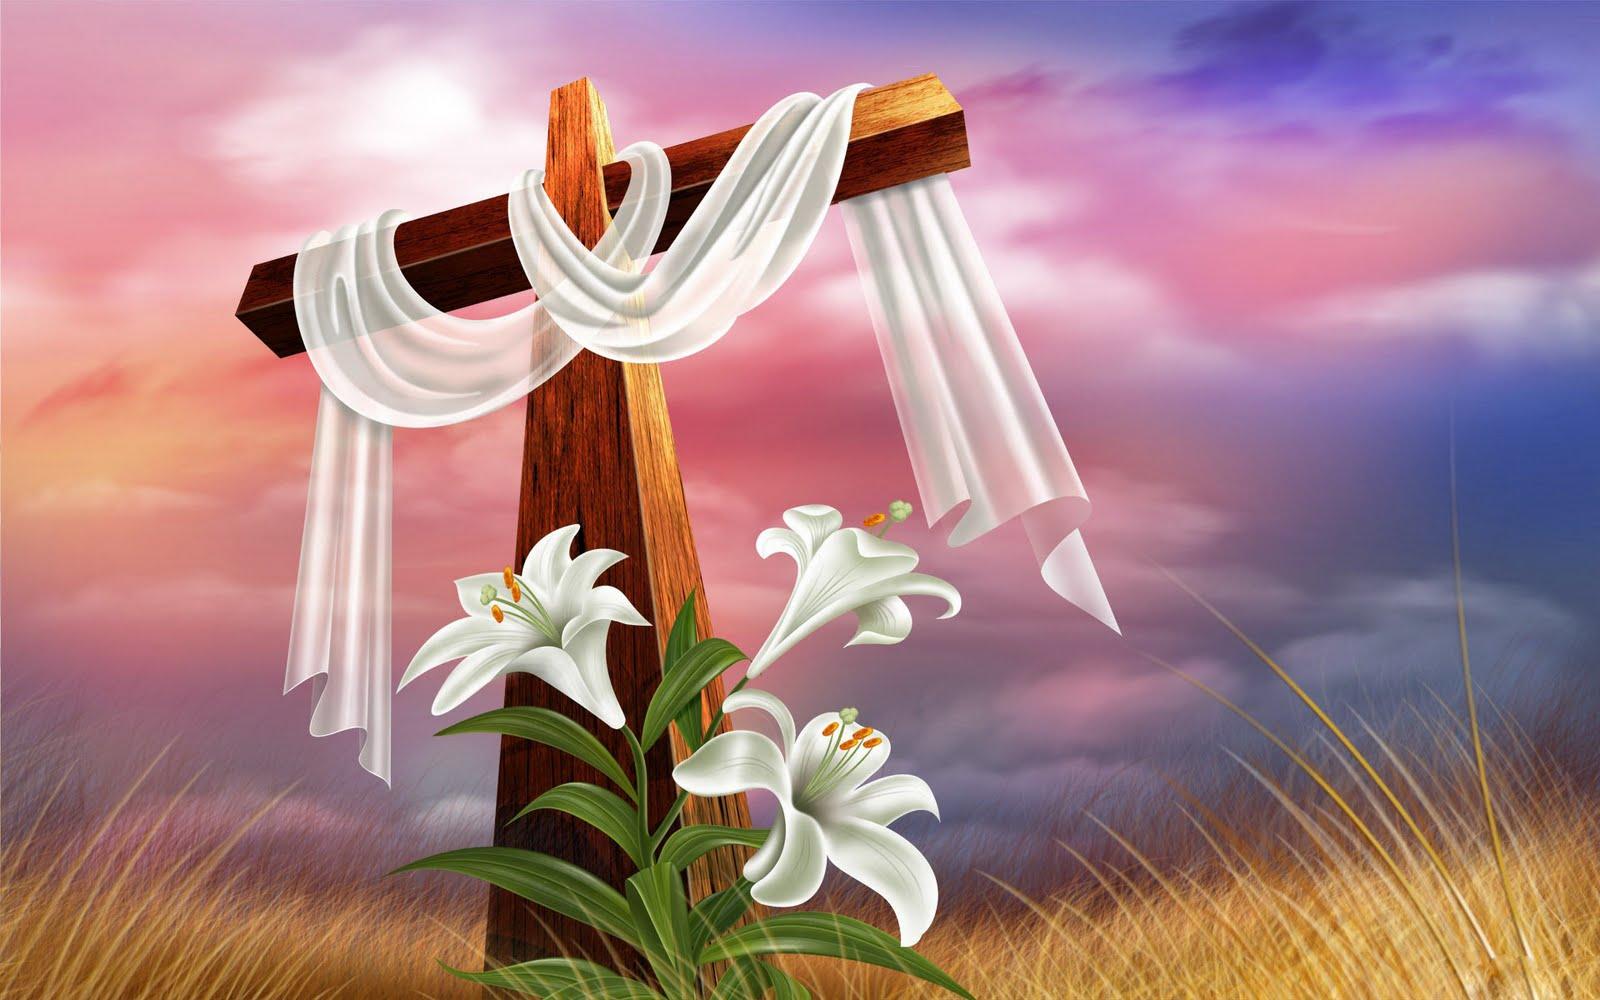 Easter Wallpaper Background 06jpg 1600x1000